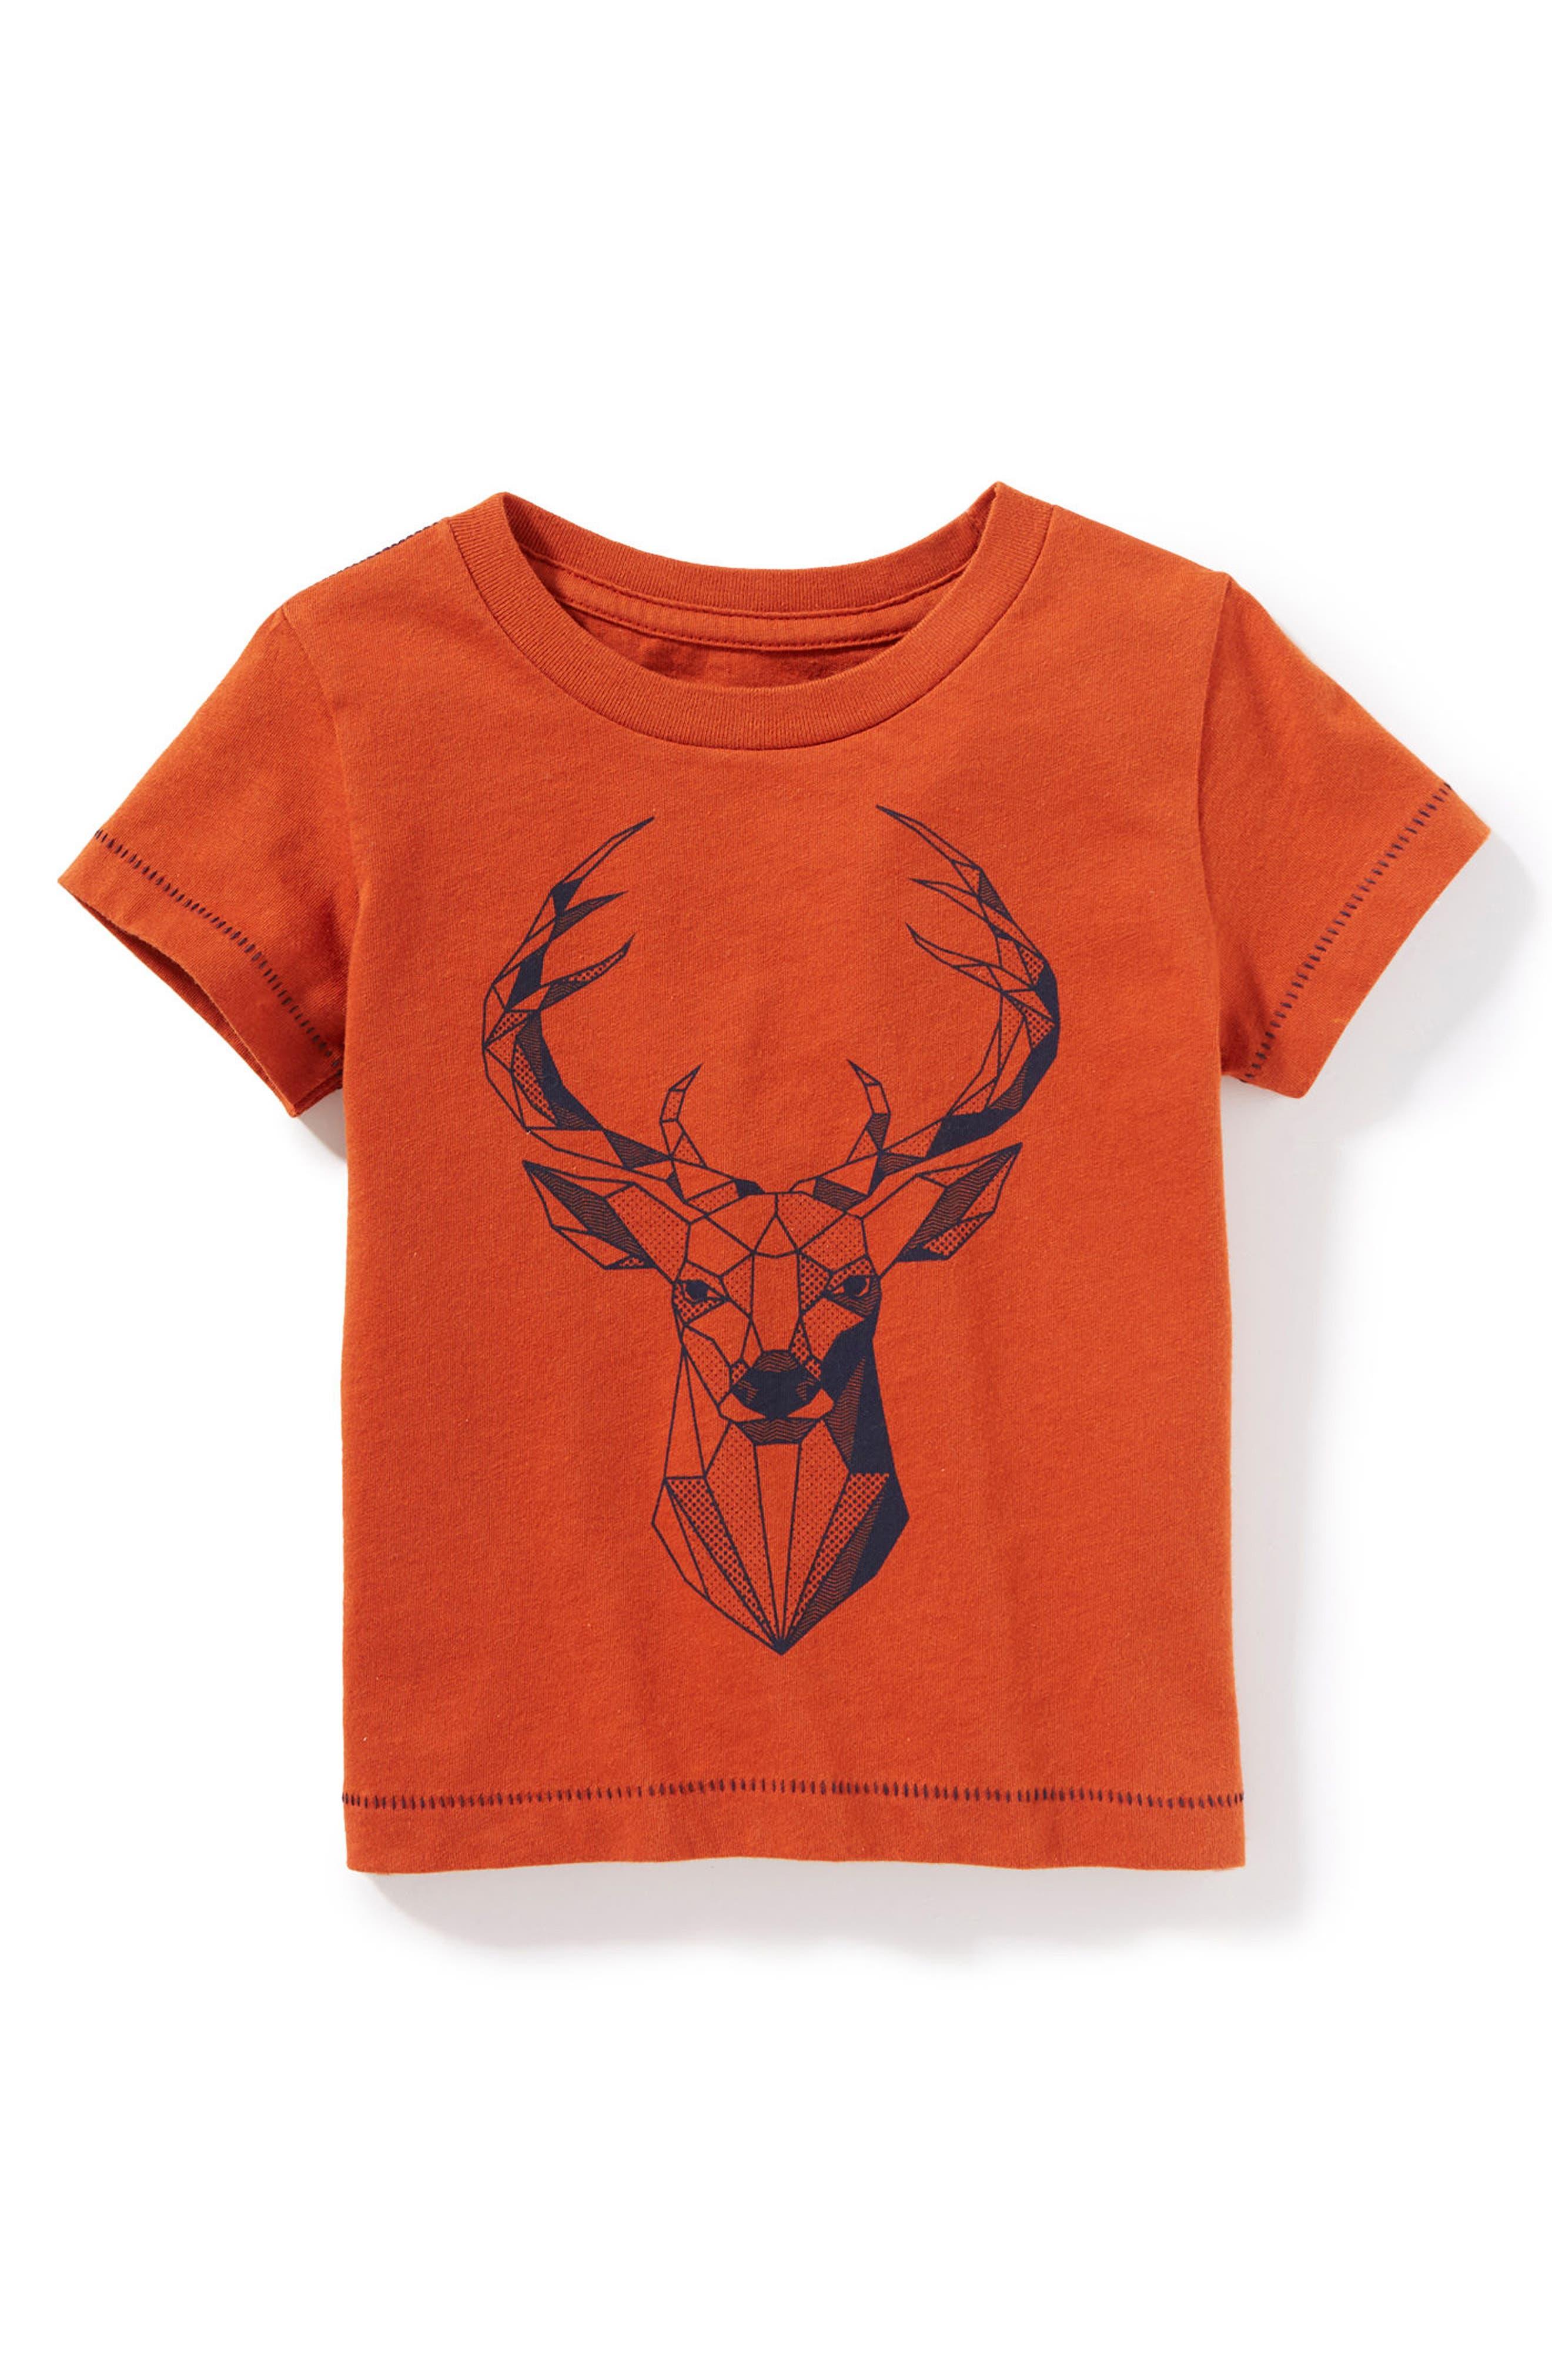 Alternate Image 1 Selected - Peek Geo Deer Graphic T-Shirt (Baby Boys)